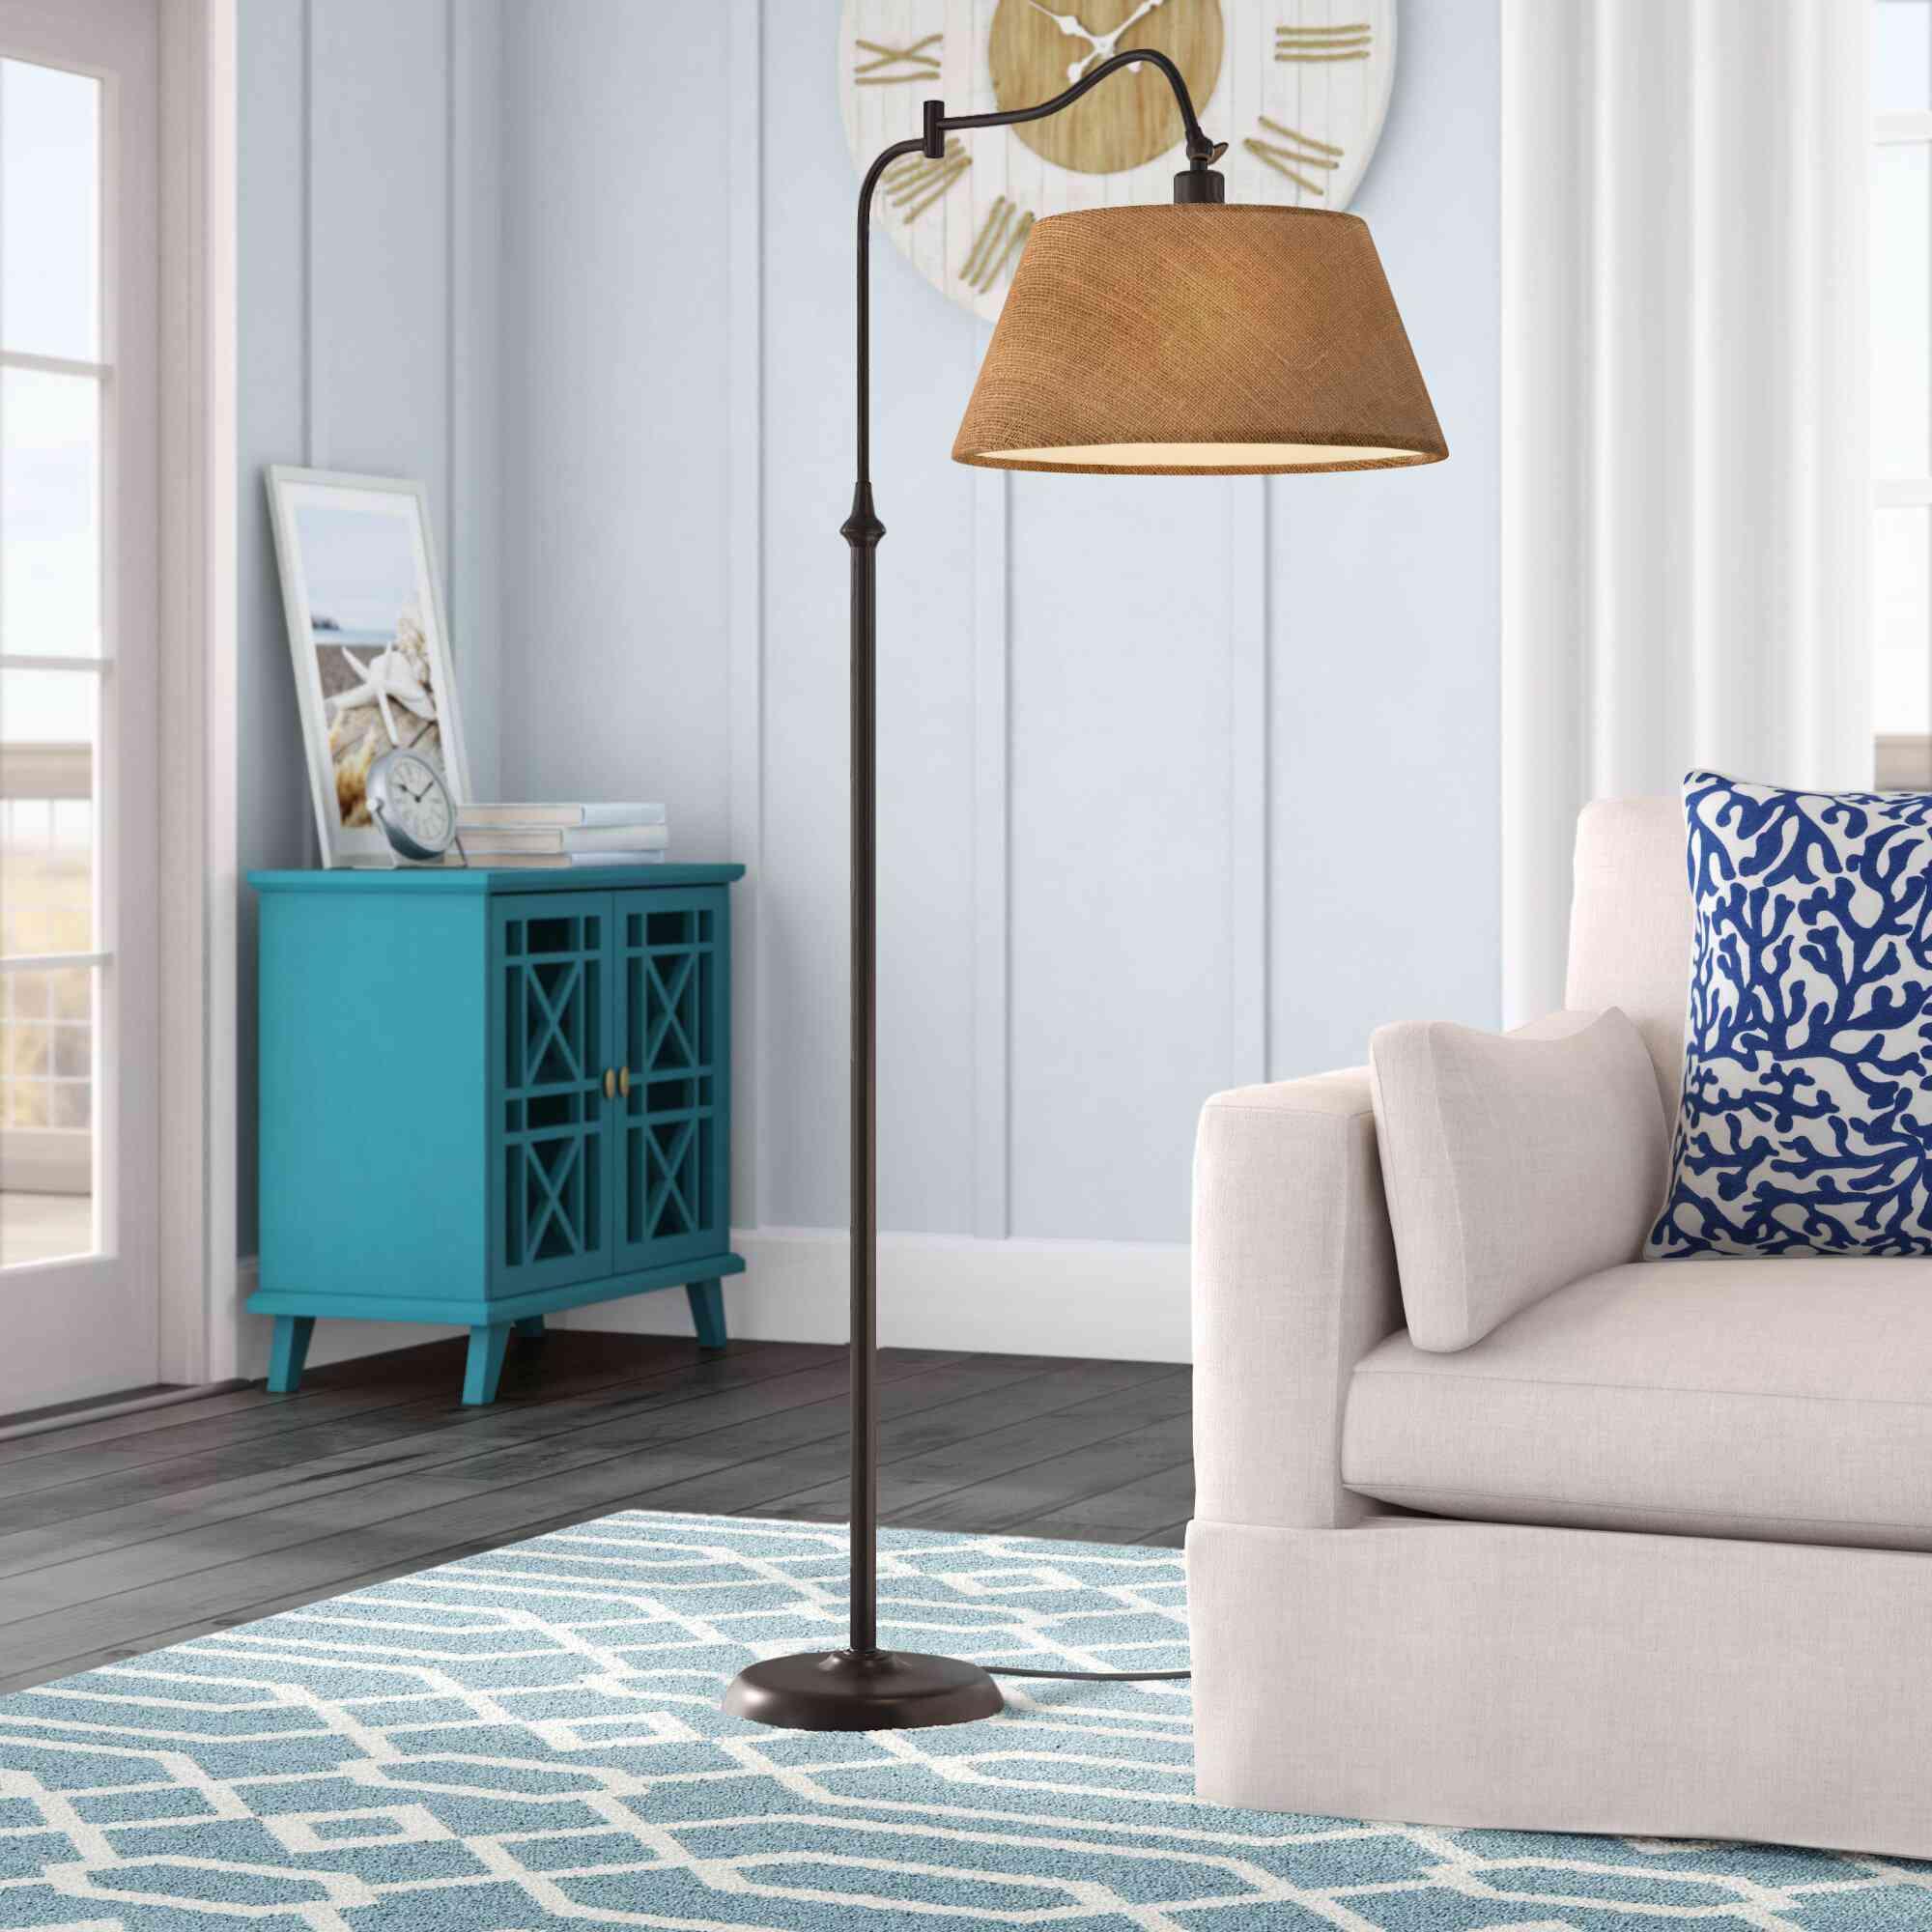 The 10 Best Floor Lamps Of 2021, Nice Floor Lamps For Living Room